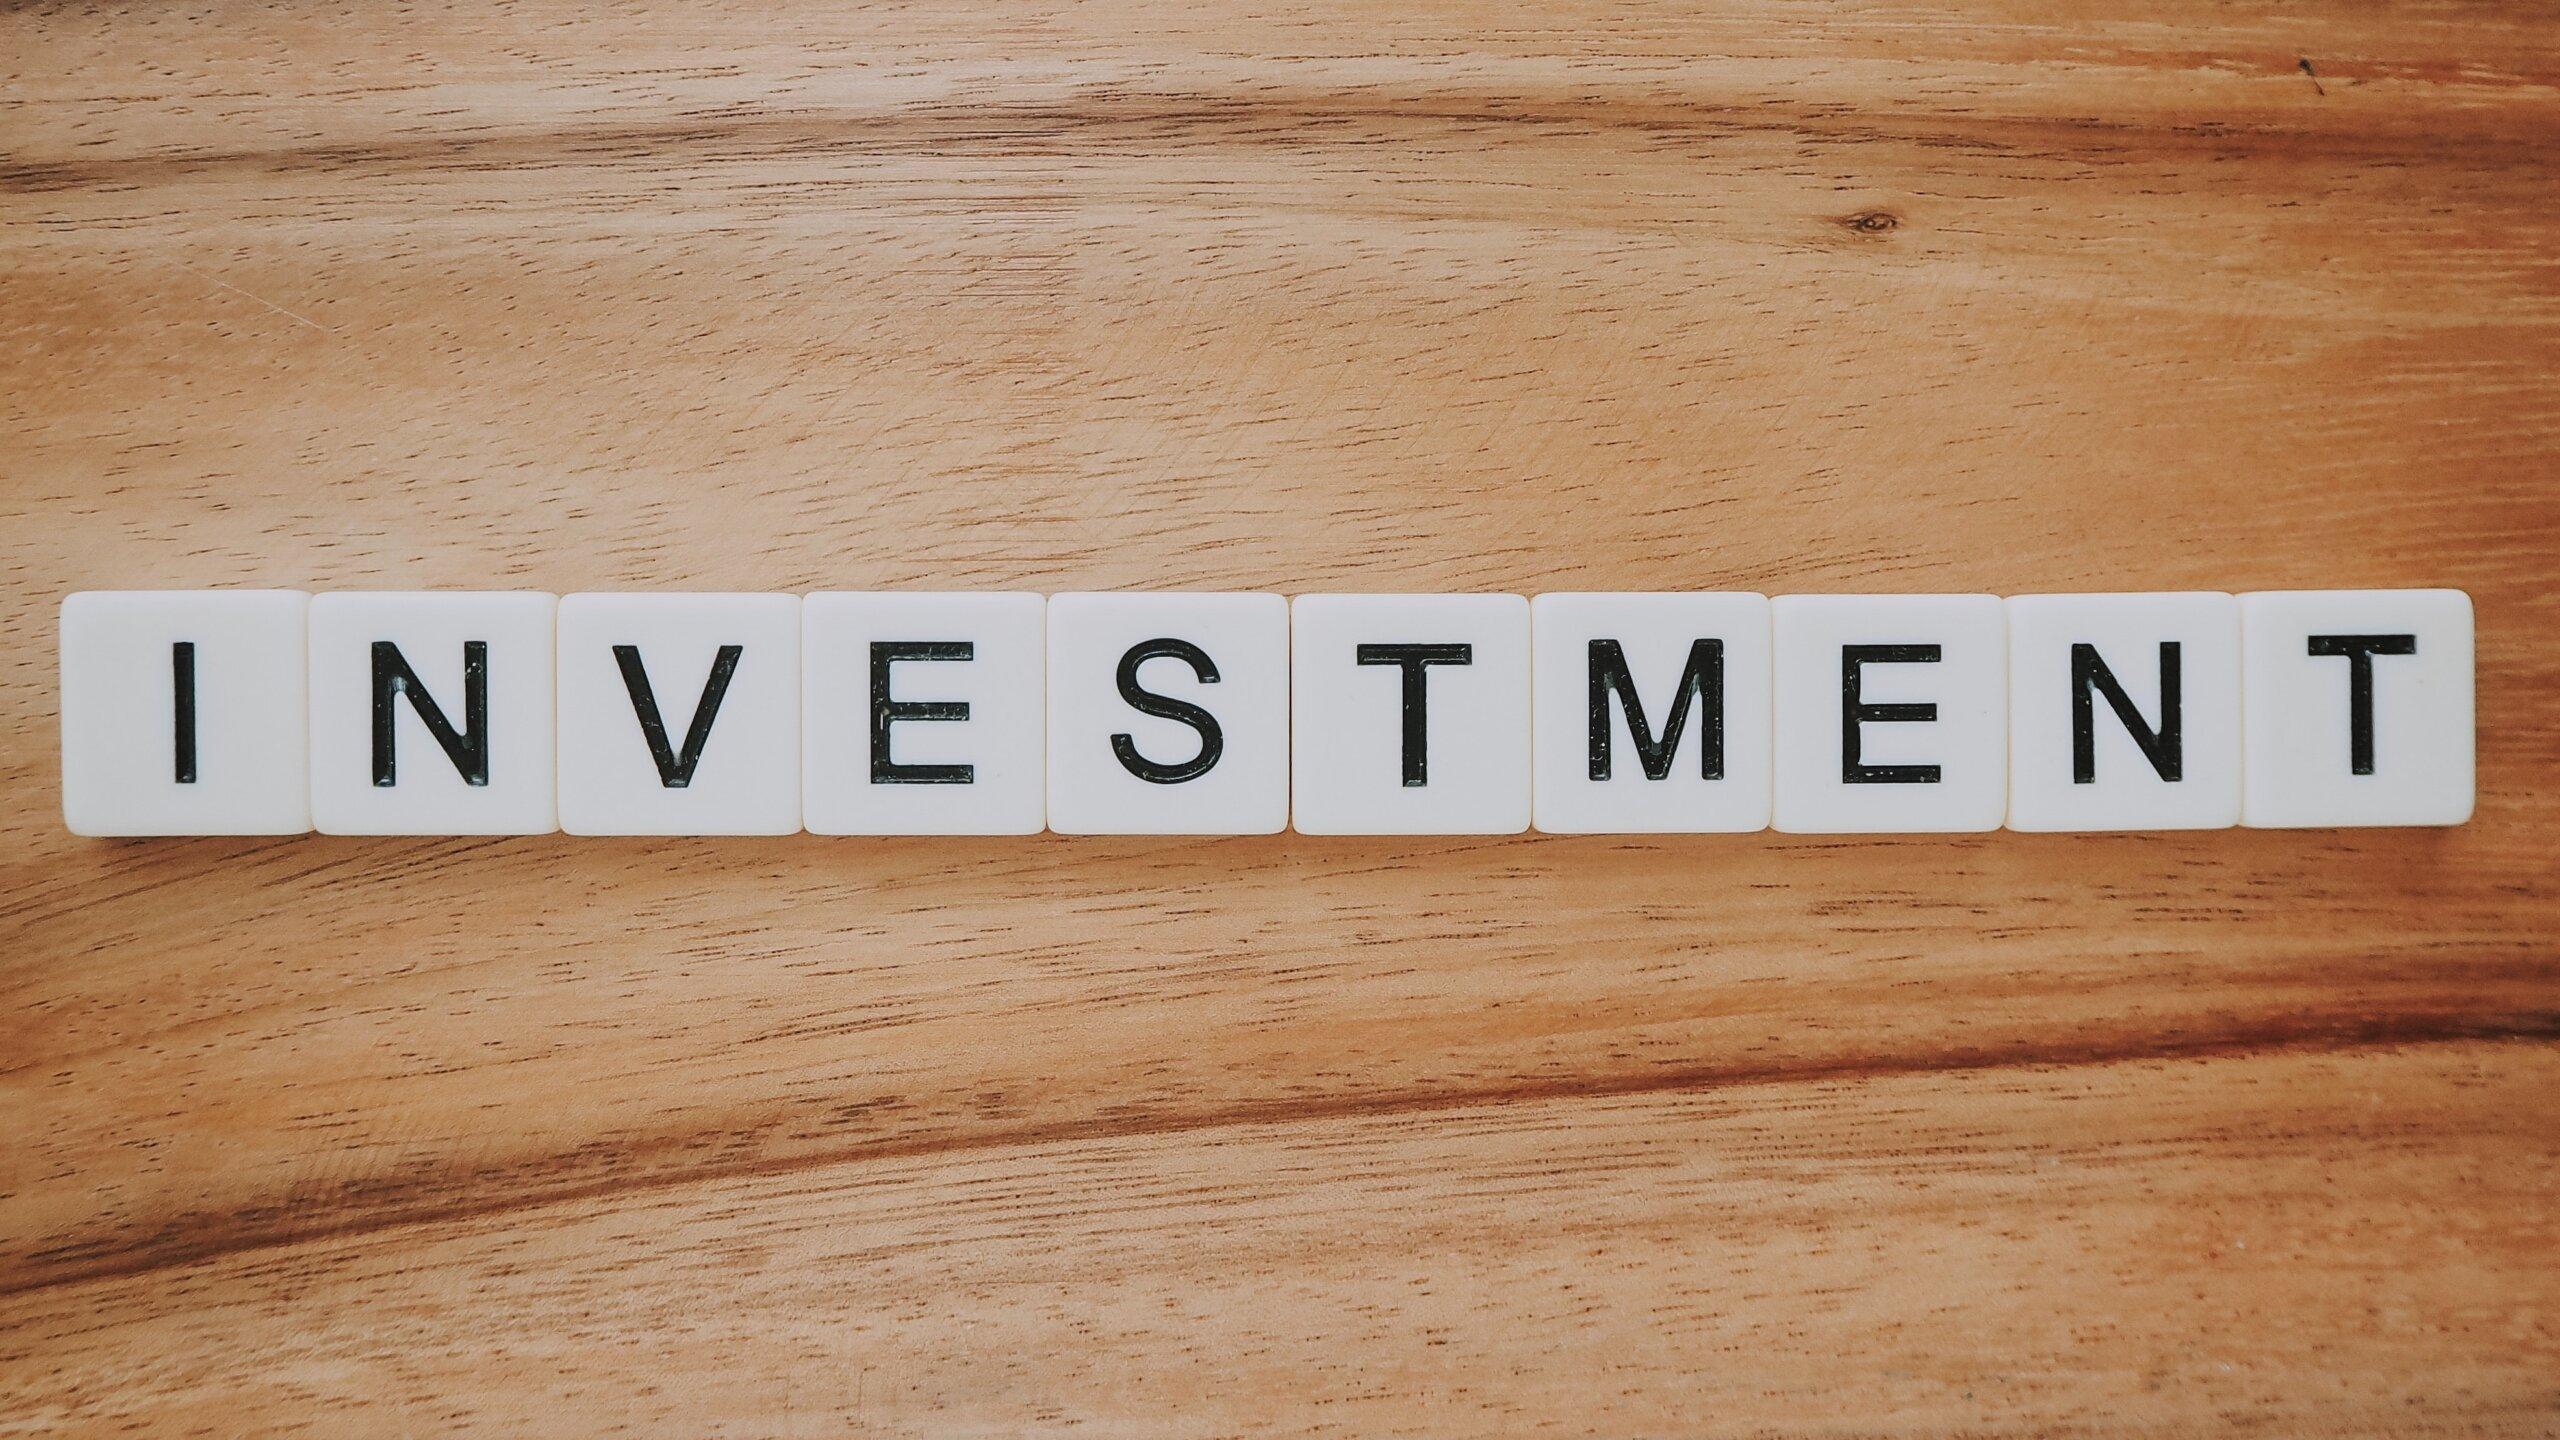 米国株、海外投資家が2007年以来の大幅売り越し。今後も継続するのか?